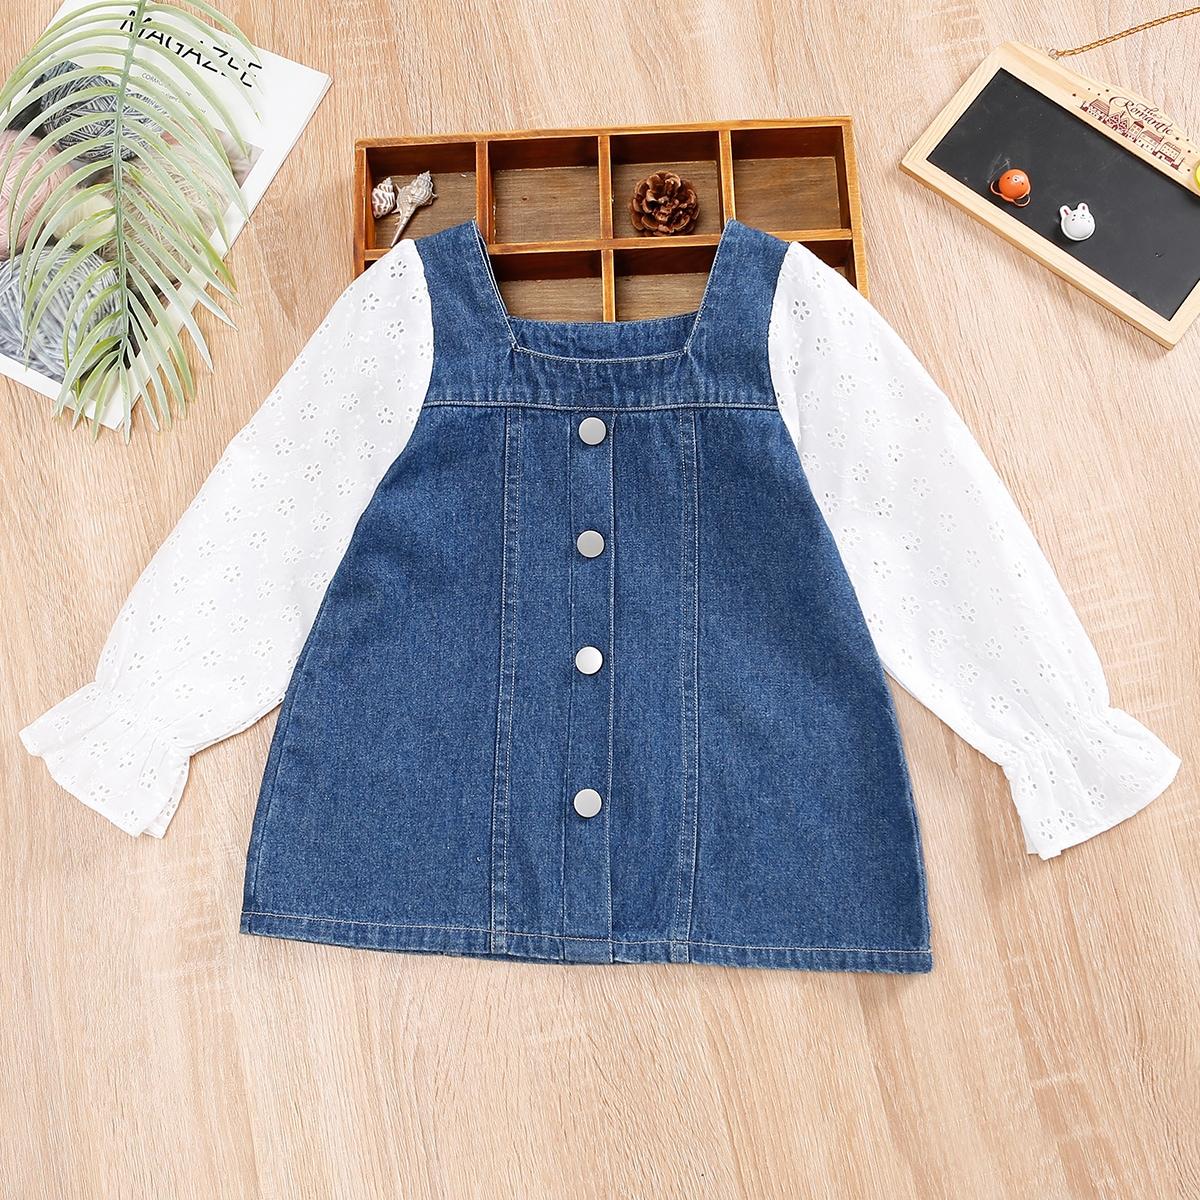 для девочек Джинсовое платье с ажурной вышивкой с рукавами-воланами однобортный SheIn sK210616639681482